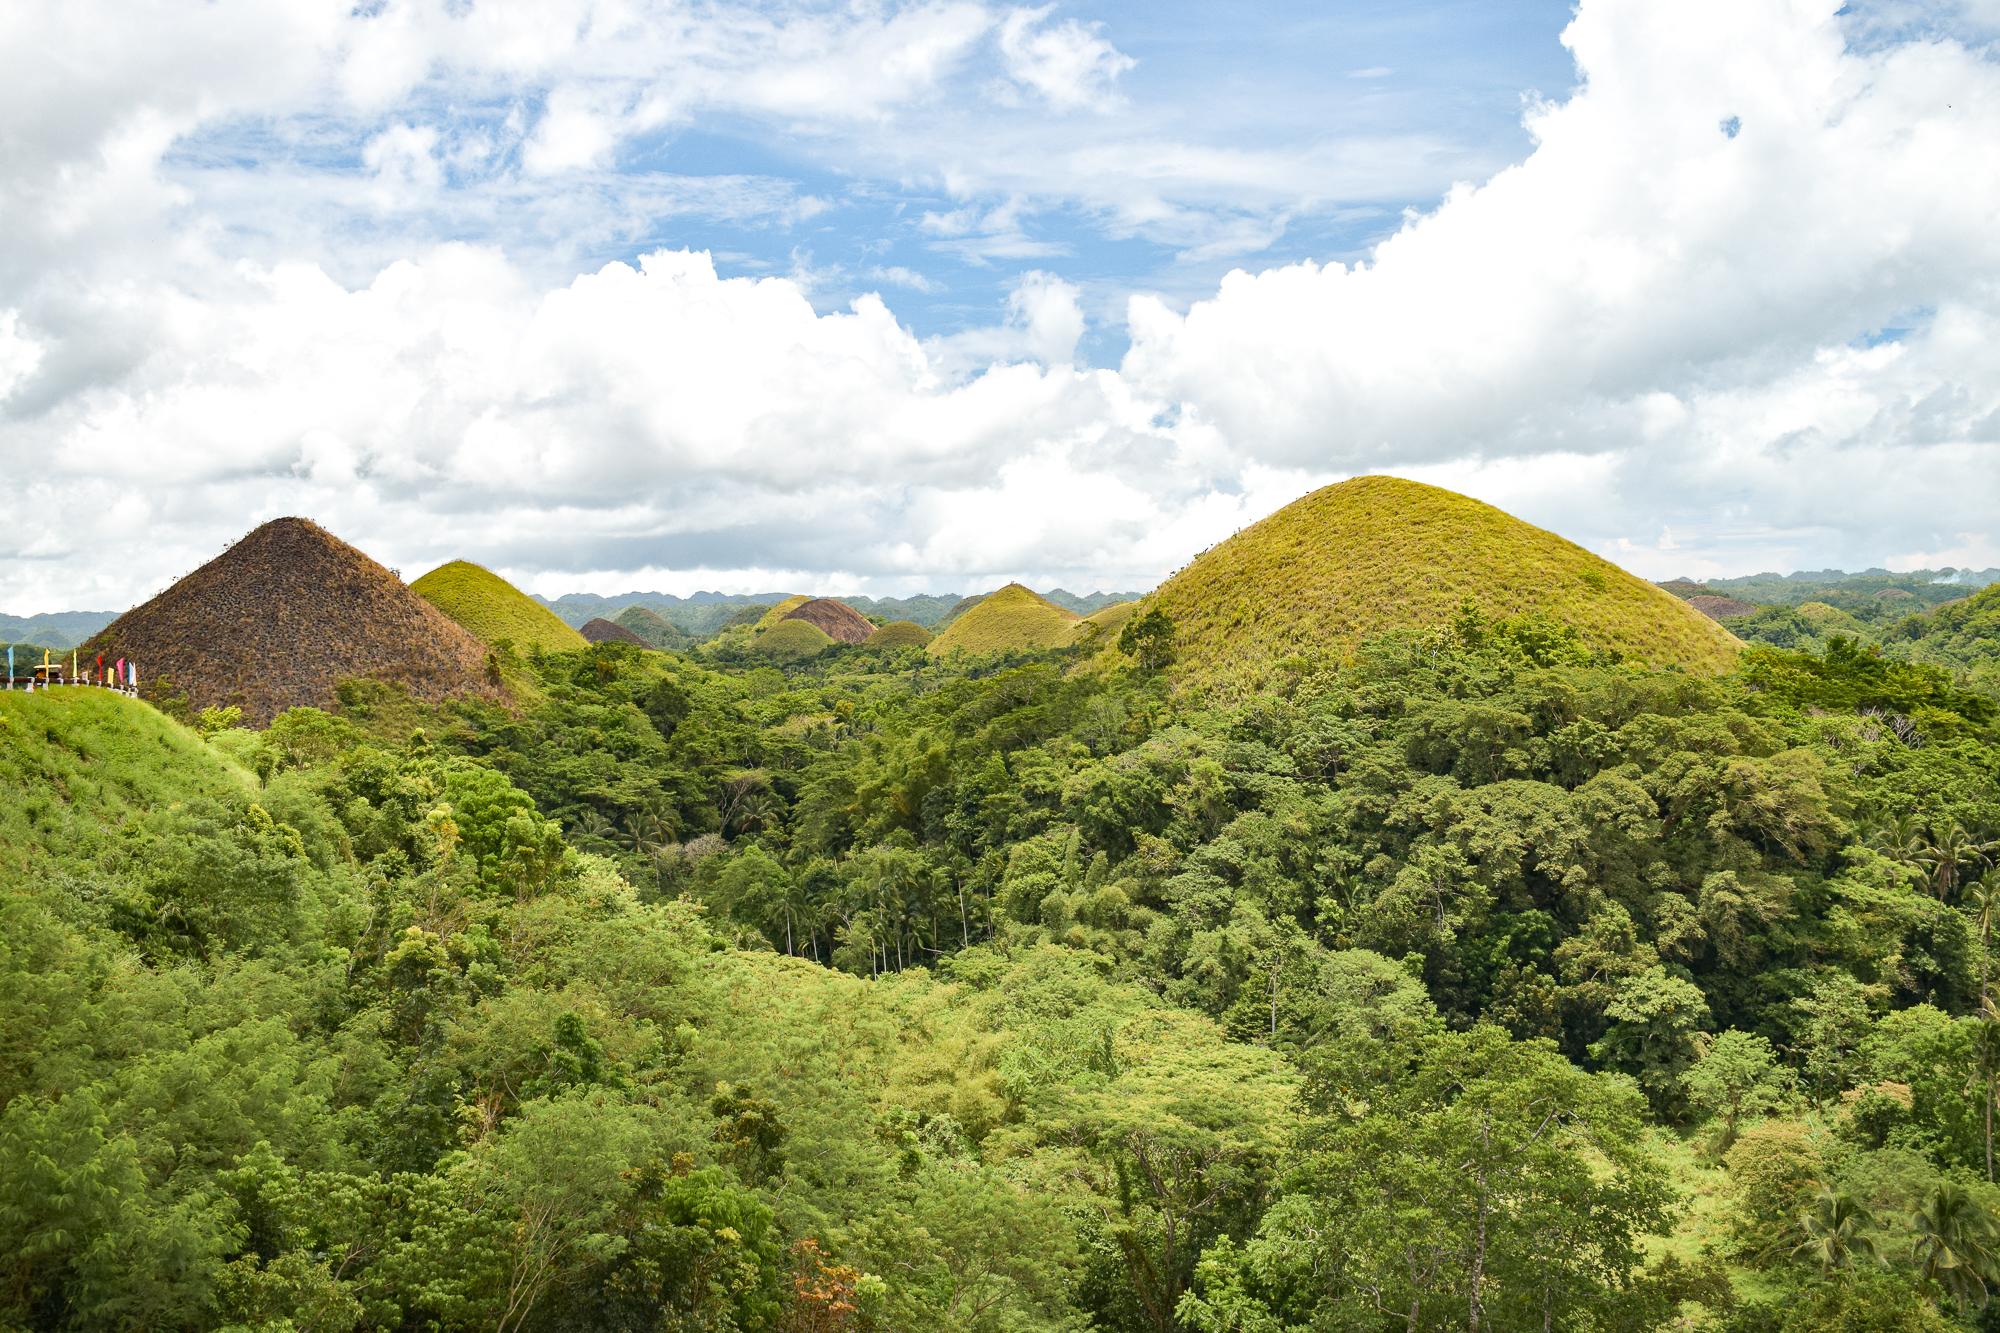 gröna kullar och skog vid Chocolate hills på Bohol.